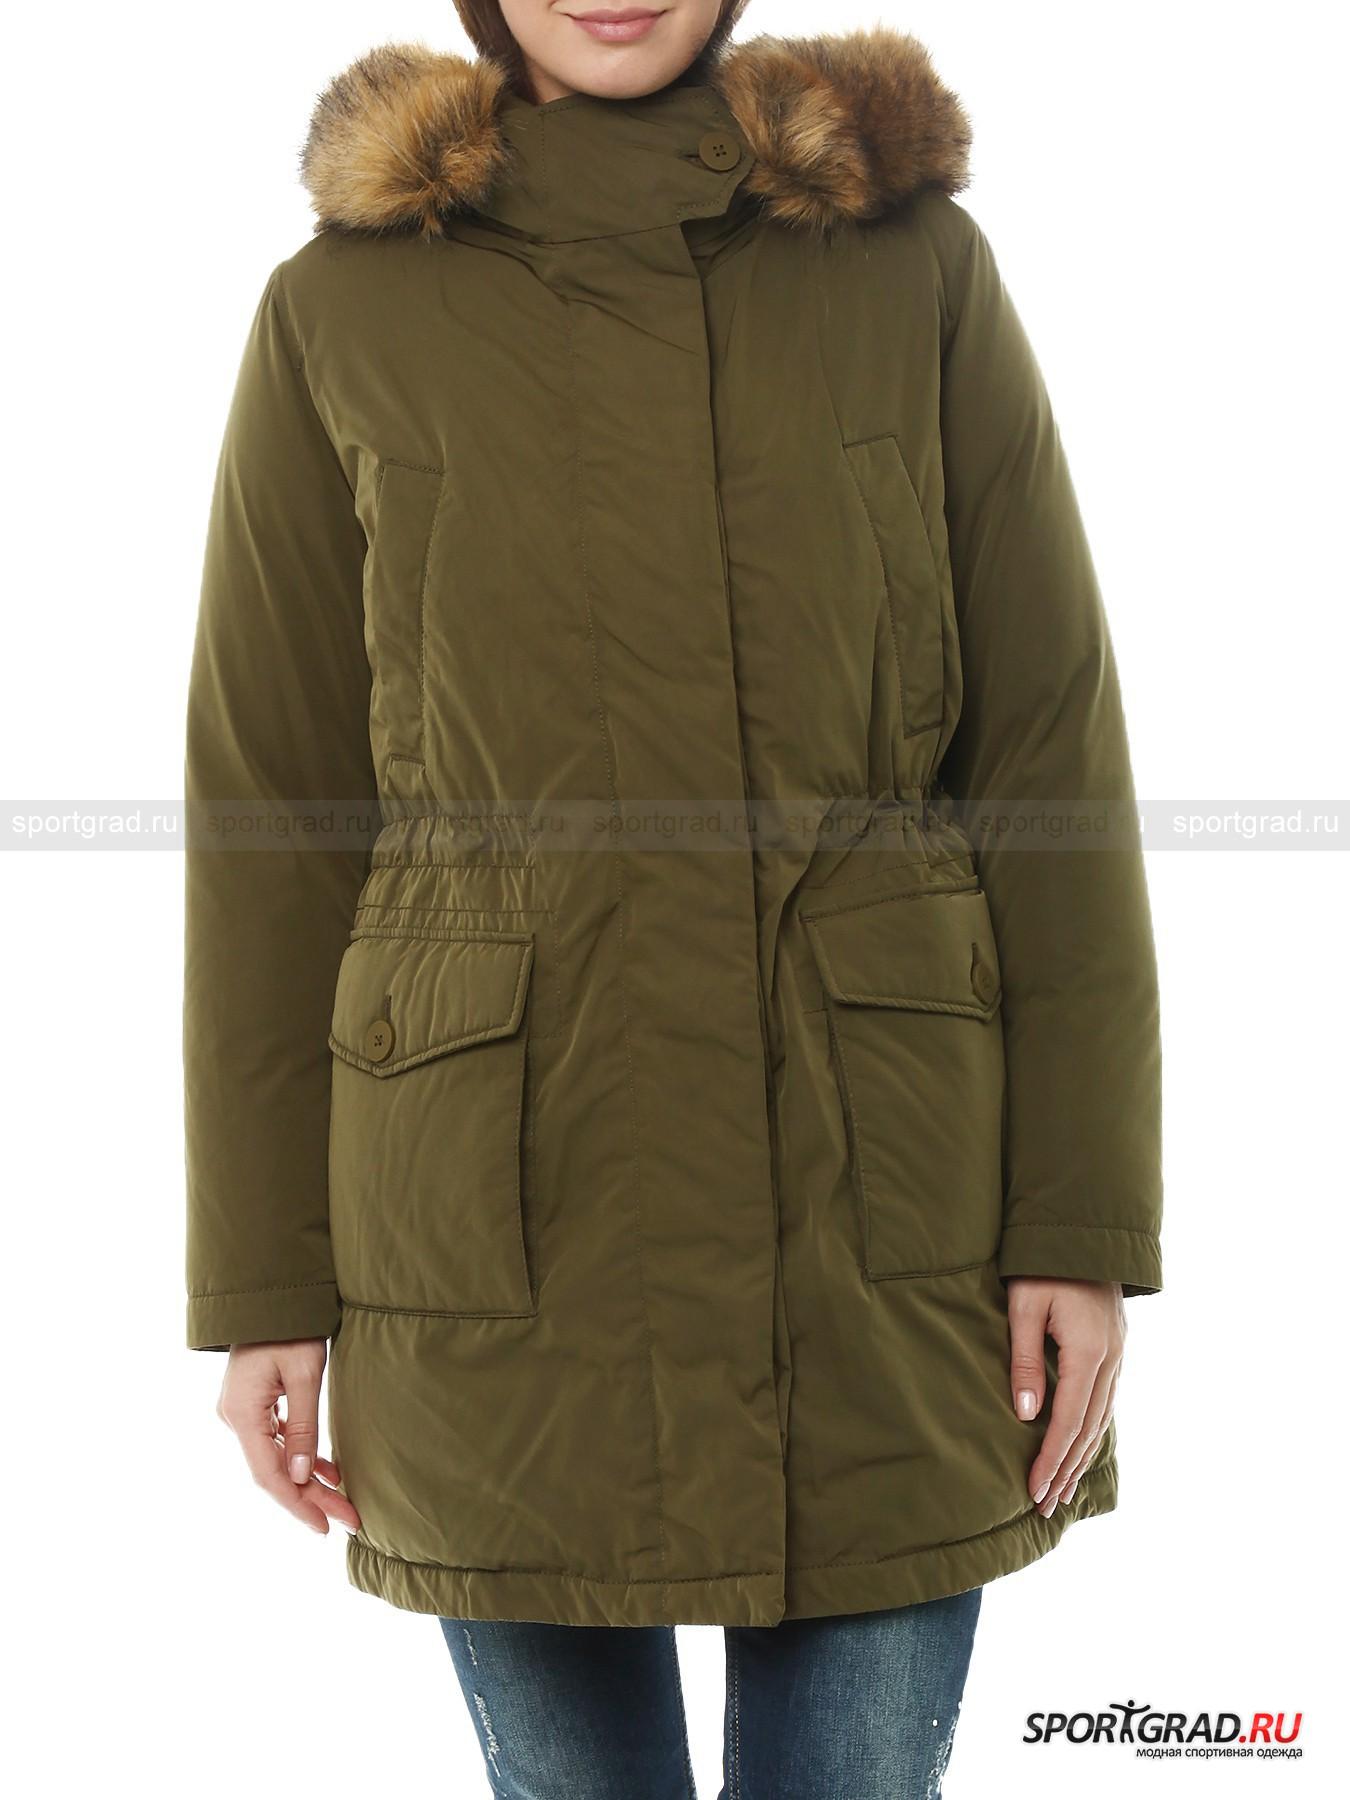 Парка пуховая для зимы Military Jacket GEOXПуховики<br>Продукция компании Geox совершенно уникальна: марка, помимо внешней составляющей, уделяет большое внимание научным разработкам. Одежда и обувь бренда высокотехнологична, и, выбирая ее, вы можете быть уверены – здесь все продумано для вашего максимального комфорта.<br><br>Великолепная куртка цвета хаки, представленная на этой странице, рассчитана на ношение при минусовых температурах: не замерзнуть поможет слой натурального утеплителя пух/перо. Помимо этого, куртка не продувается и не промокает. Но самое главное: модель выполнена по уникальной технологии Respira, позволяющей максимально эффективно выводить наружу испарения тела, оставляя кожу сухой и обеспечивая правильную терморегуляцию.<br><br>Особенности модели:<br>- фронтальная молния с двумя бегунками и планка на пуговицах поверх нее:<br>- капюшон со съемной отделкой из искусственного меха;<br>- утяжка изнутри в районе талии;<br>- два внутренних кармана: один на молнии и один на липучке;<br>- четыре внешних кармана;<br>- петля для подвешивания.<br><br>Пол: Женский<br>Возраст: Взрослый<br>Тип: Пуховики<br>Рекомендации по уходу: ручная стирка; не отбеливать; гладить при температуре до 110 С; щадящая химическая чистка; нельзя сушить в стиральной машине<br>Состав: 82% полиэстер; 18% полиамид; внутри 90% пух, 10% перо; подкладка 100; полиамид